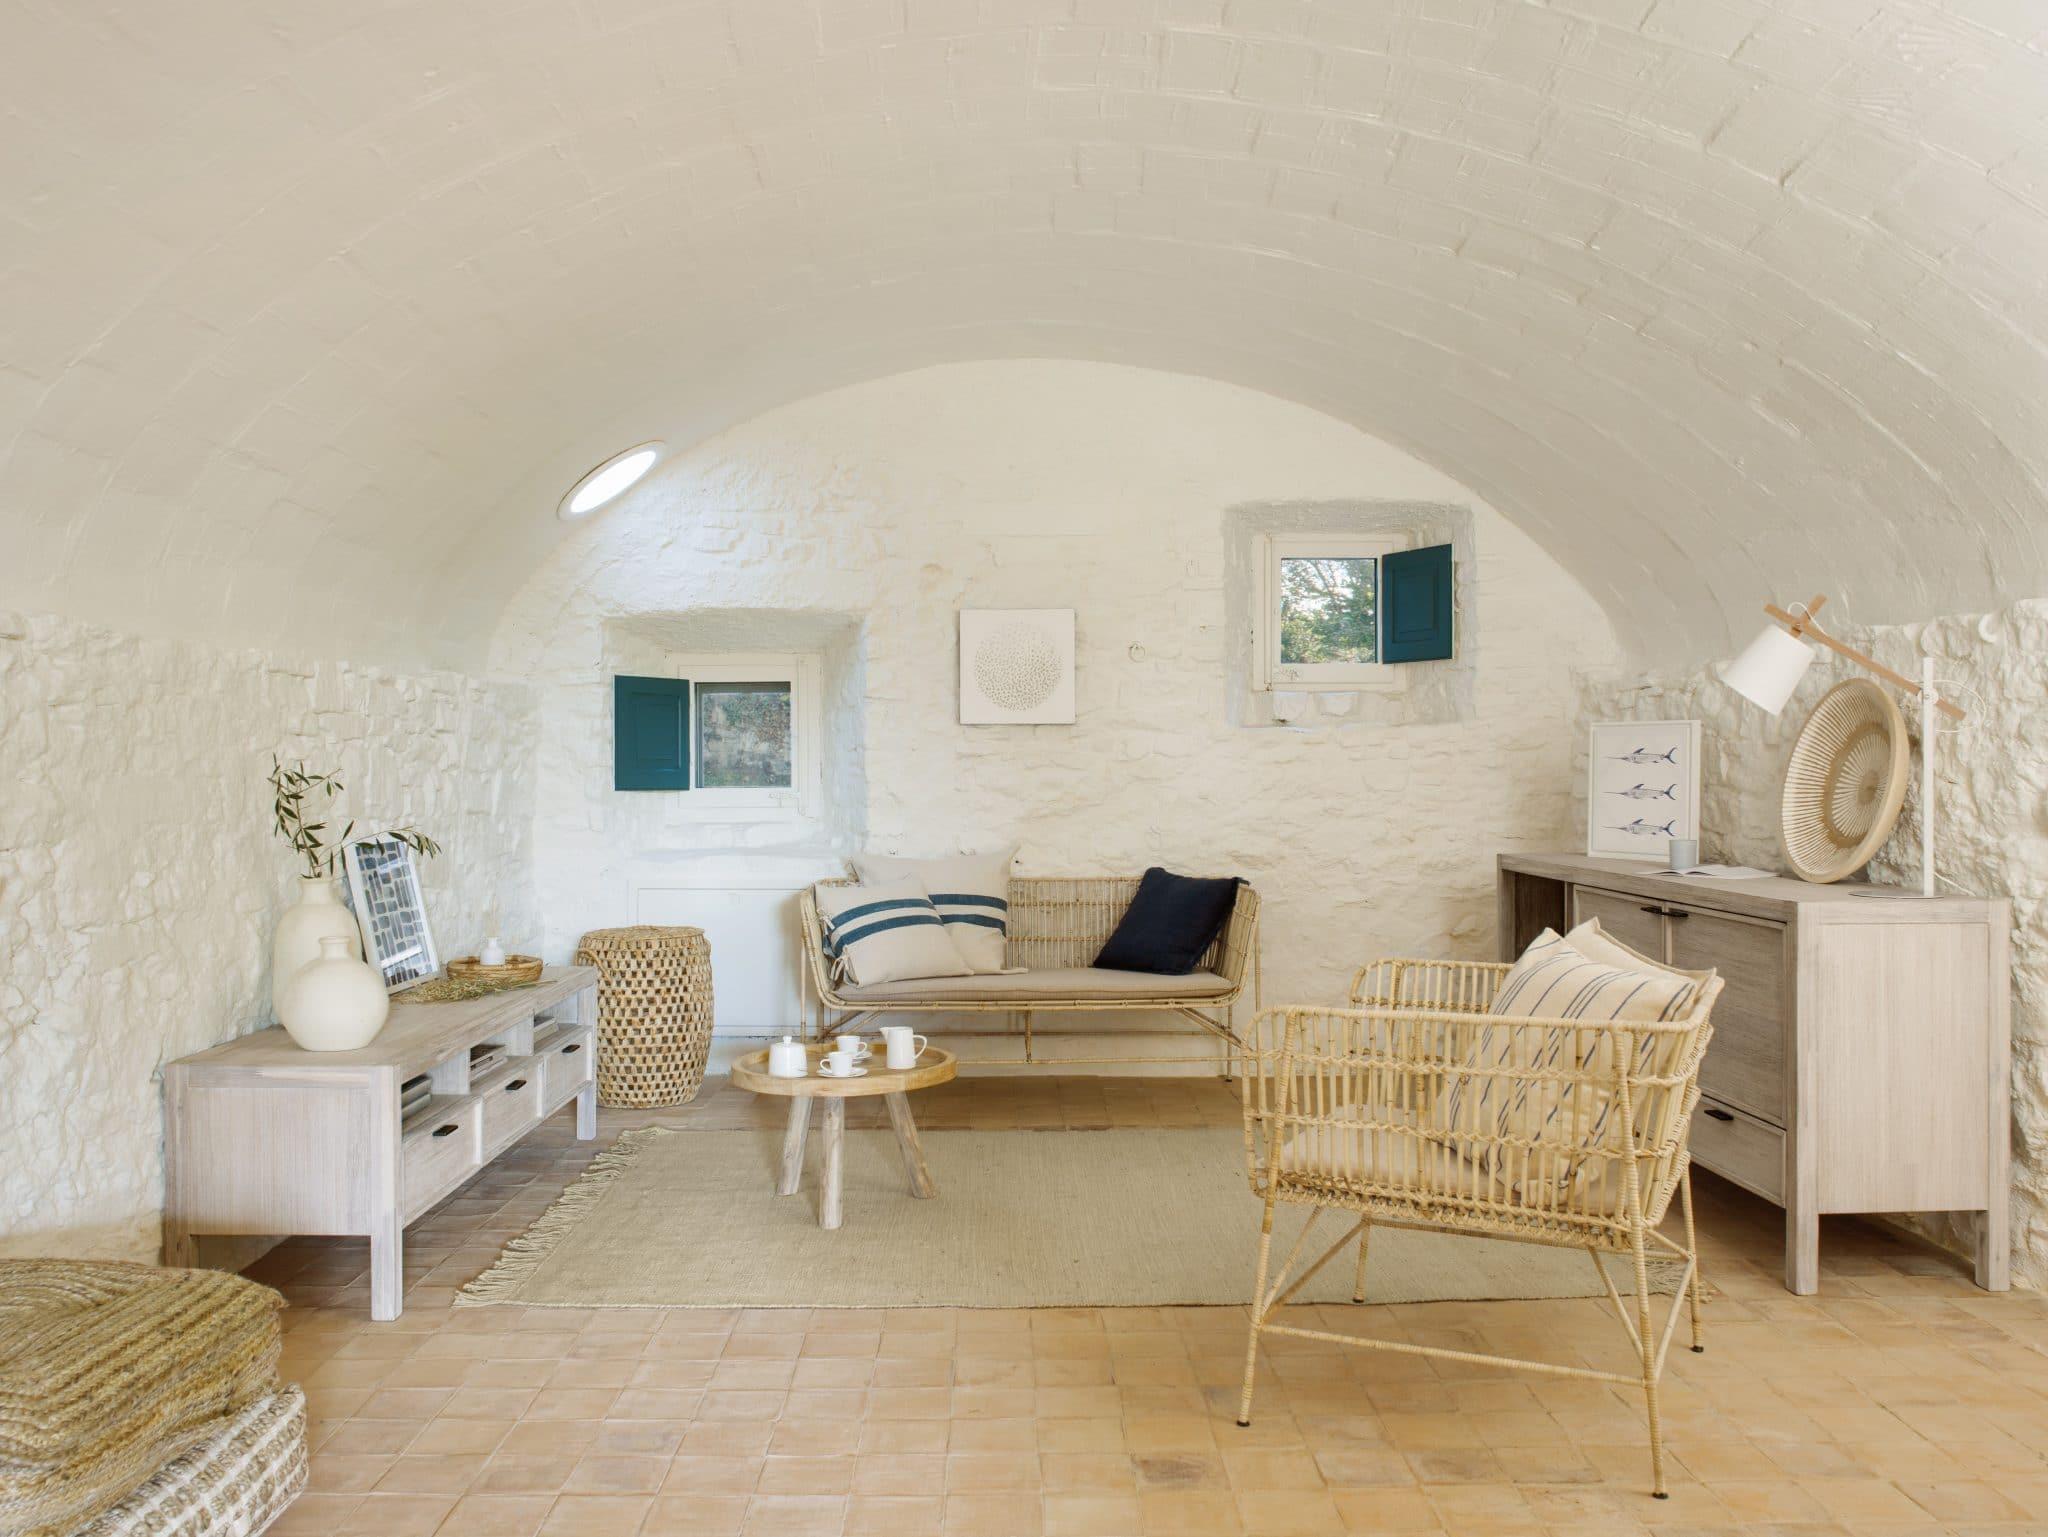 kave home collection mediterranean feeling appartement maison décoration intérieur terrasses balcon soleil